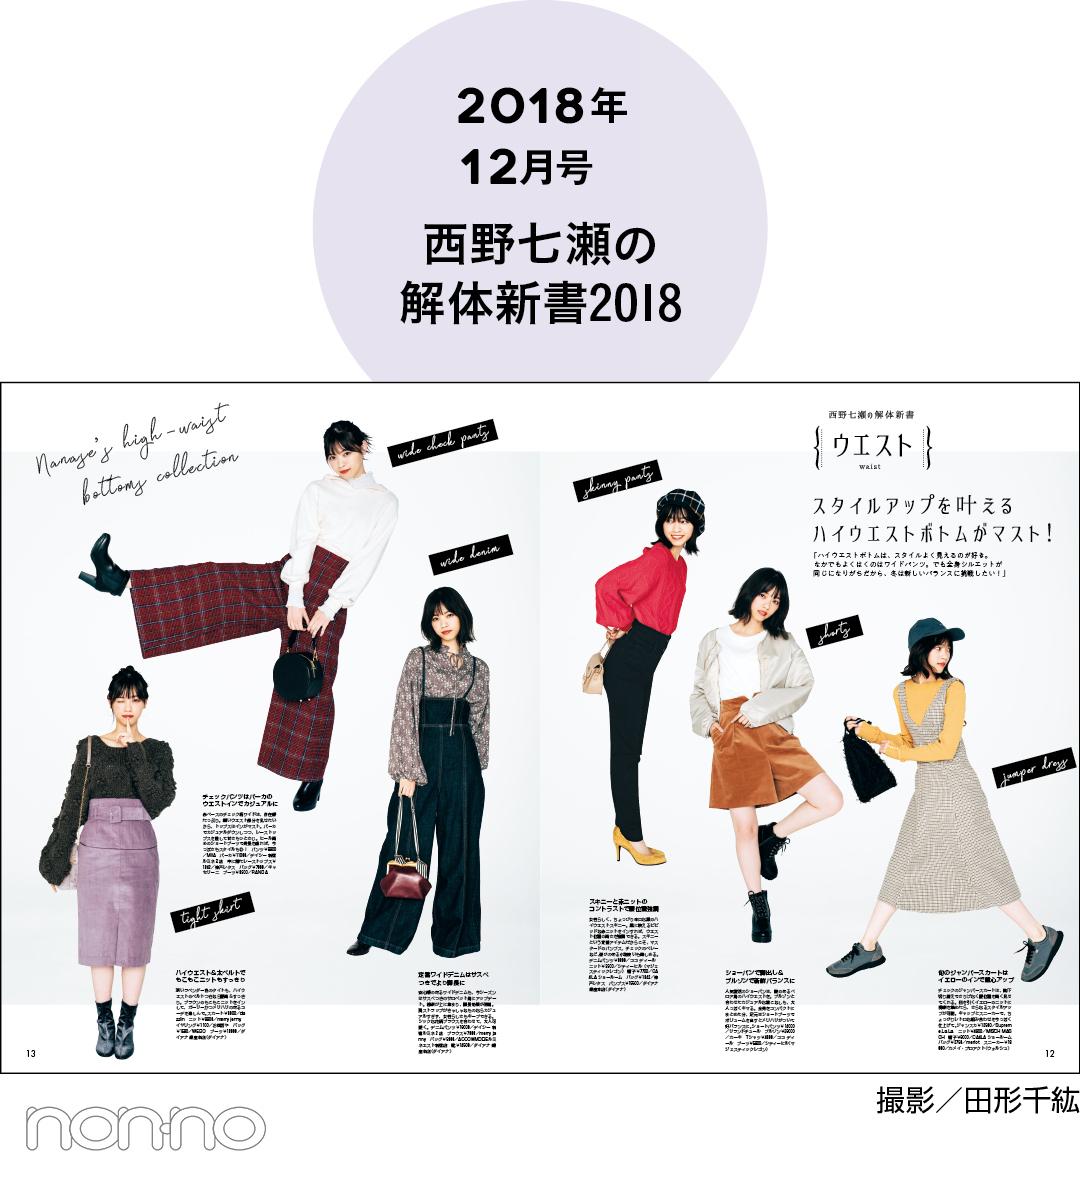 2018年12月号 西野七瀬の解体新書2018